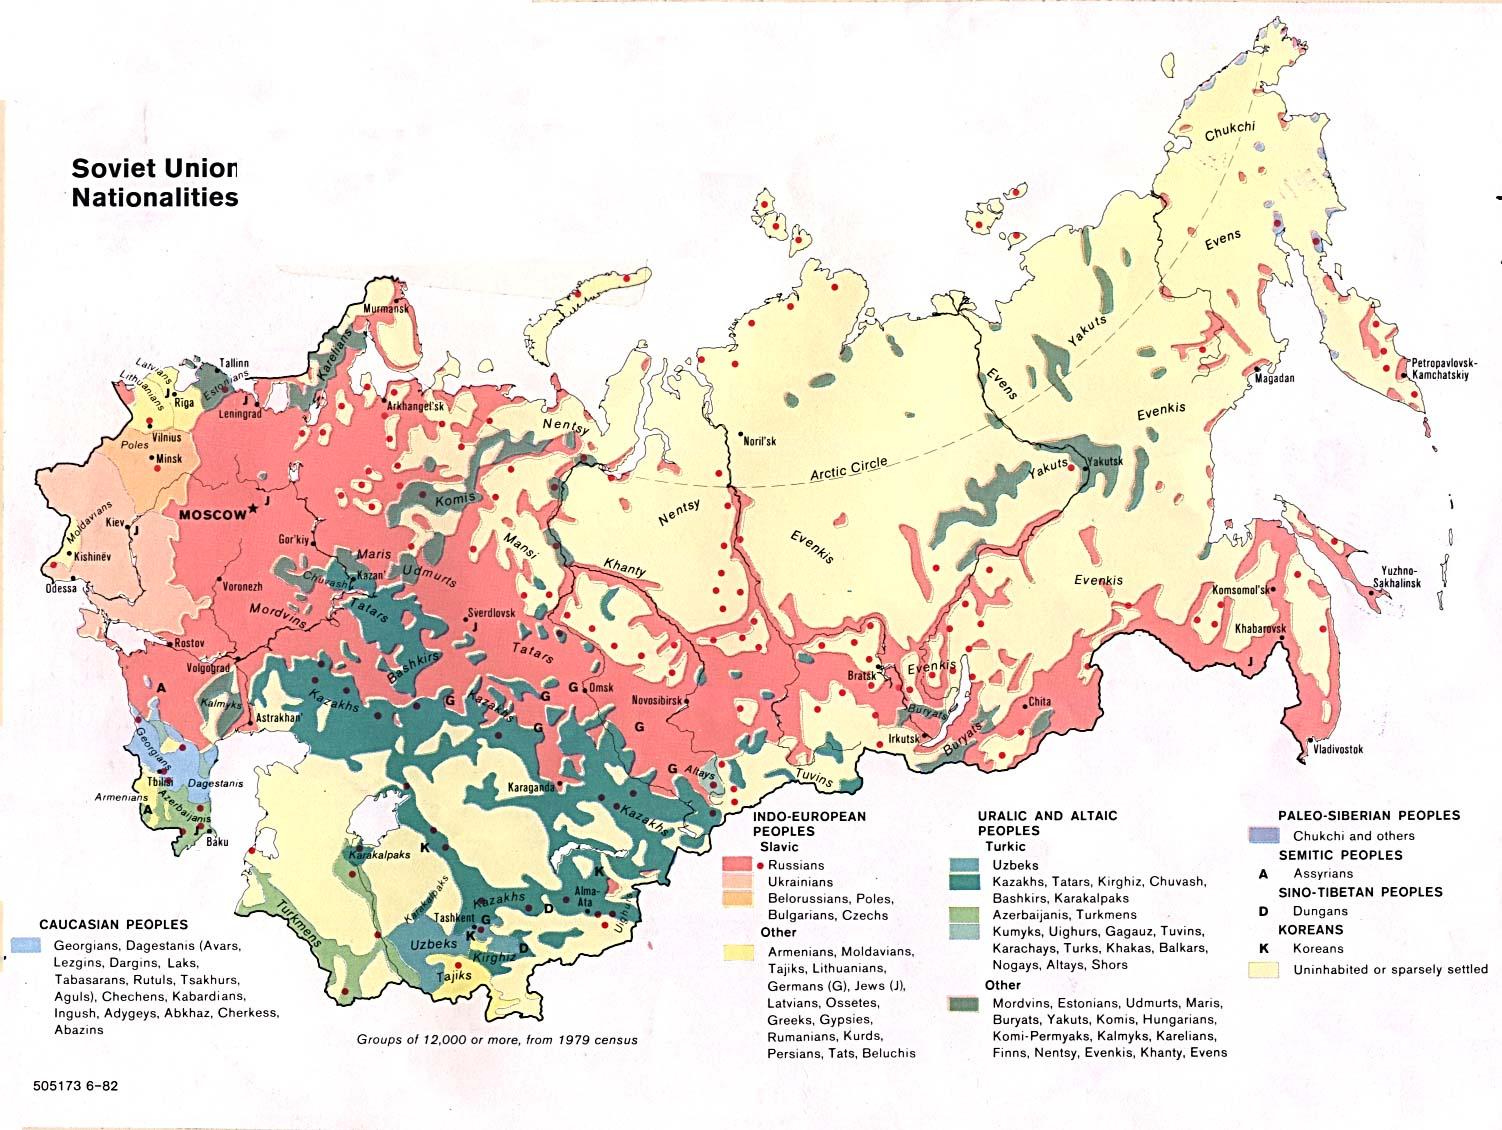 Mapa de las Nacionalidades en la ex Unión Soviética